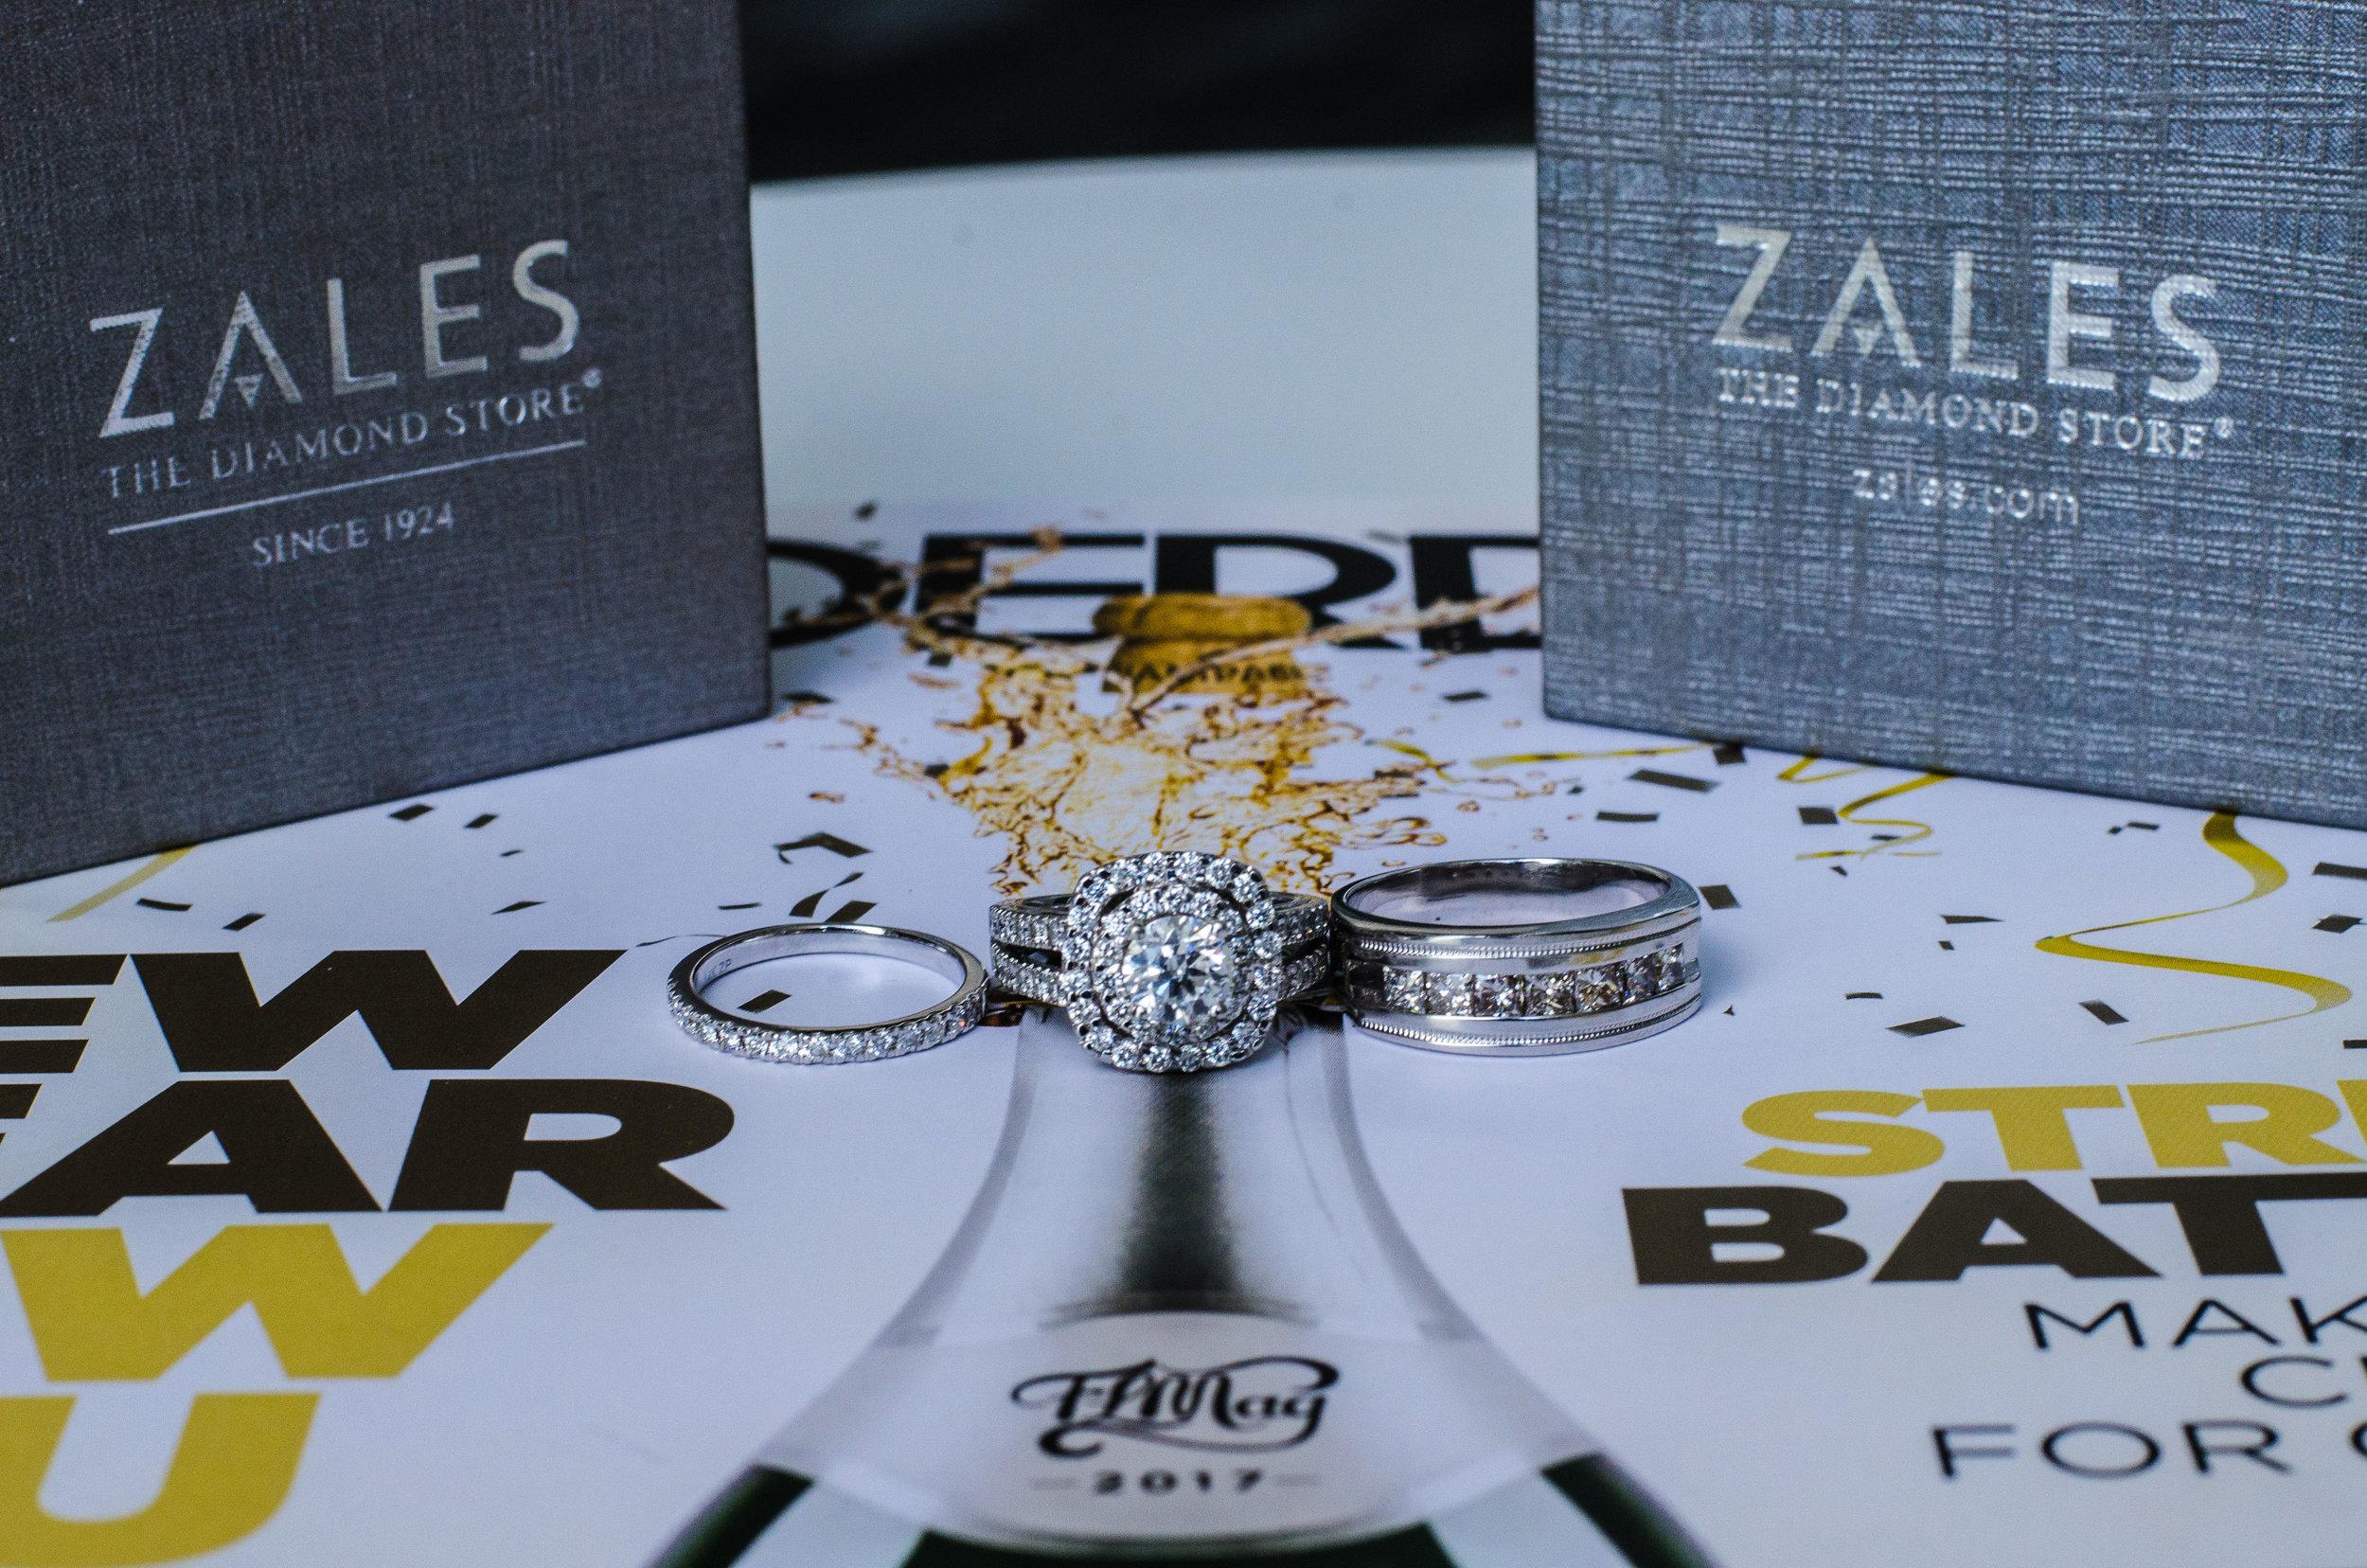 Williams Wedding Rings (Ft Lauderdale) (1 of 1).jpg